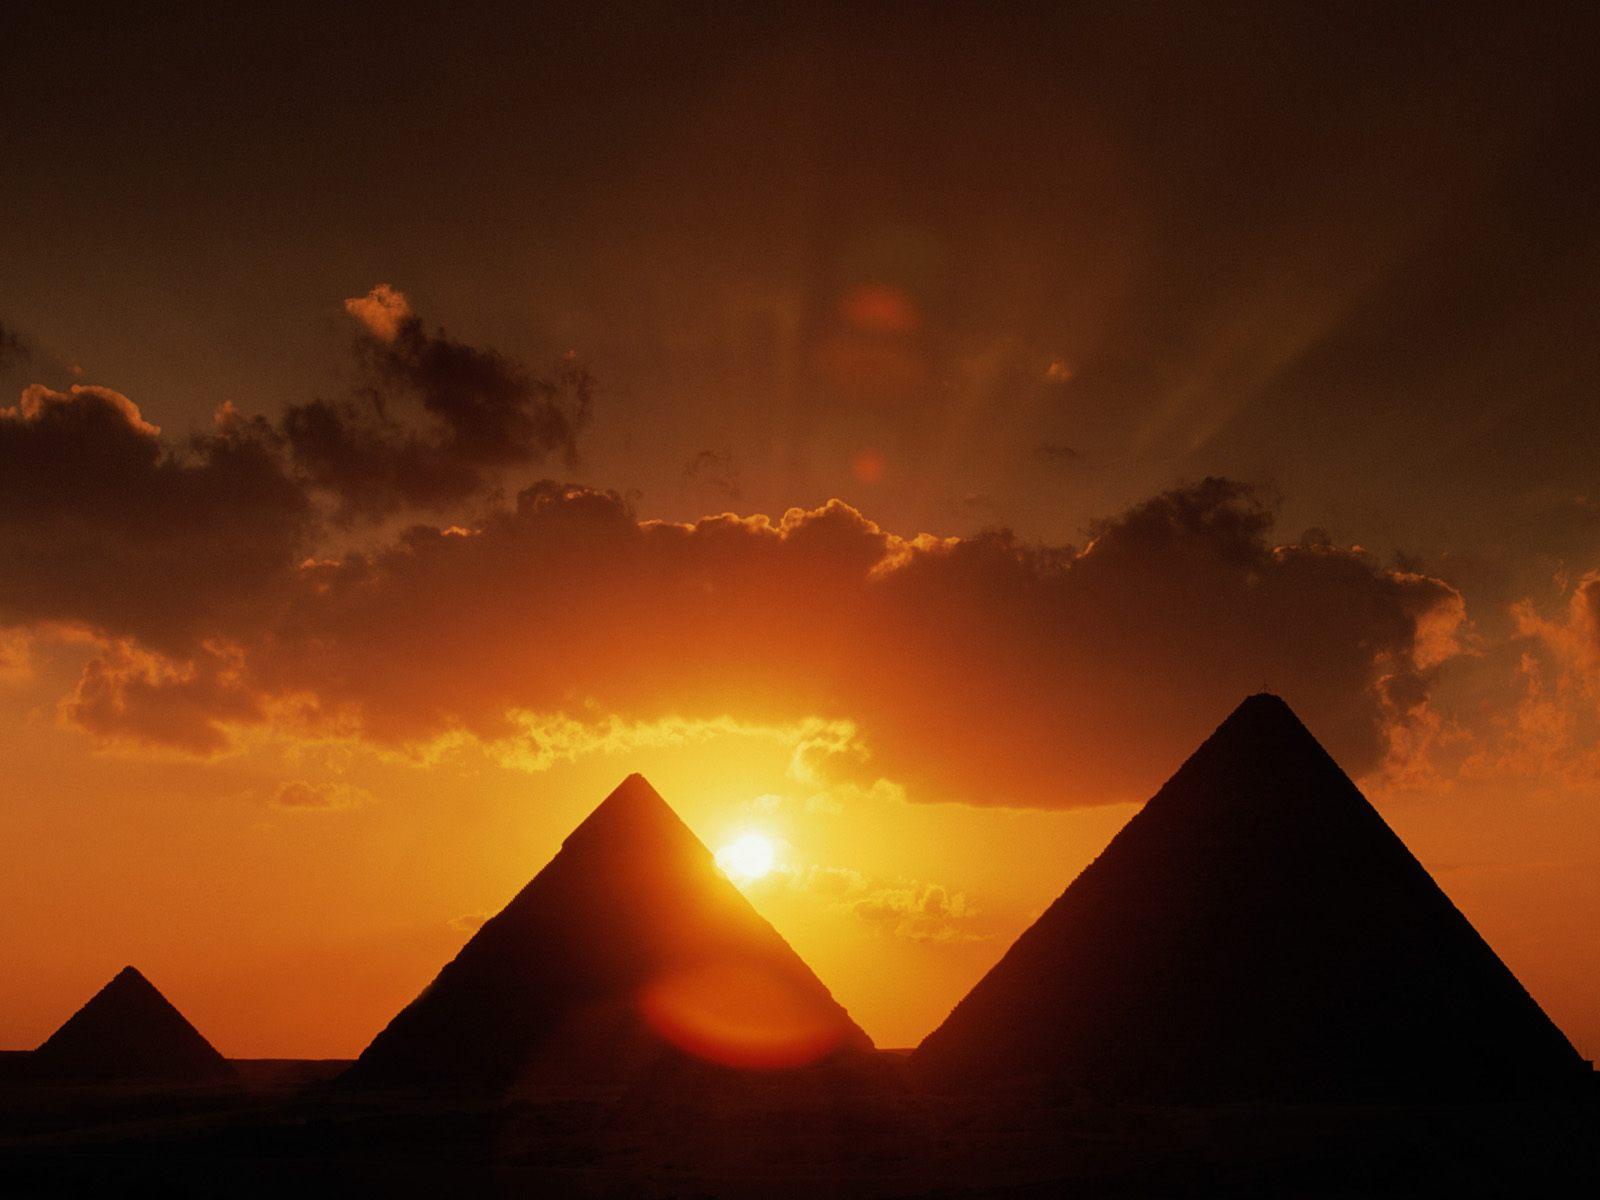 Egyptian Pyramids, alternative history